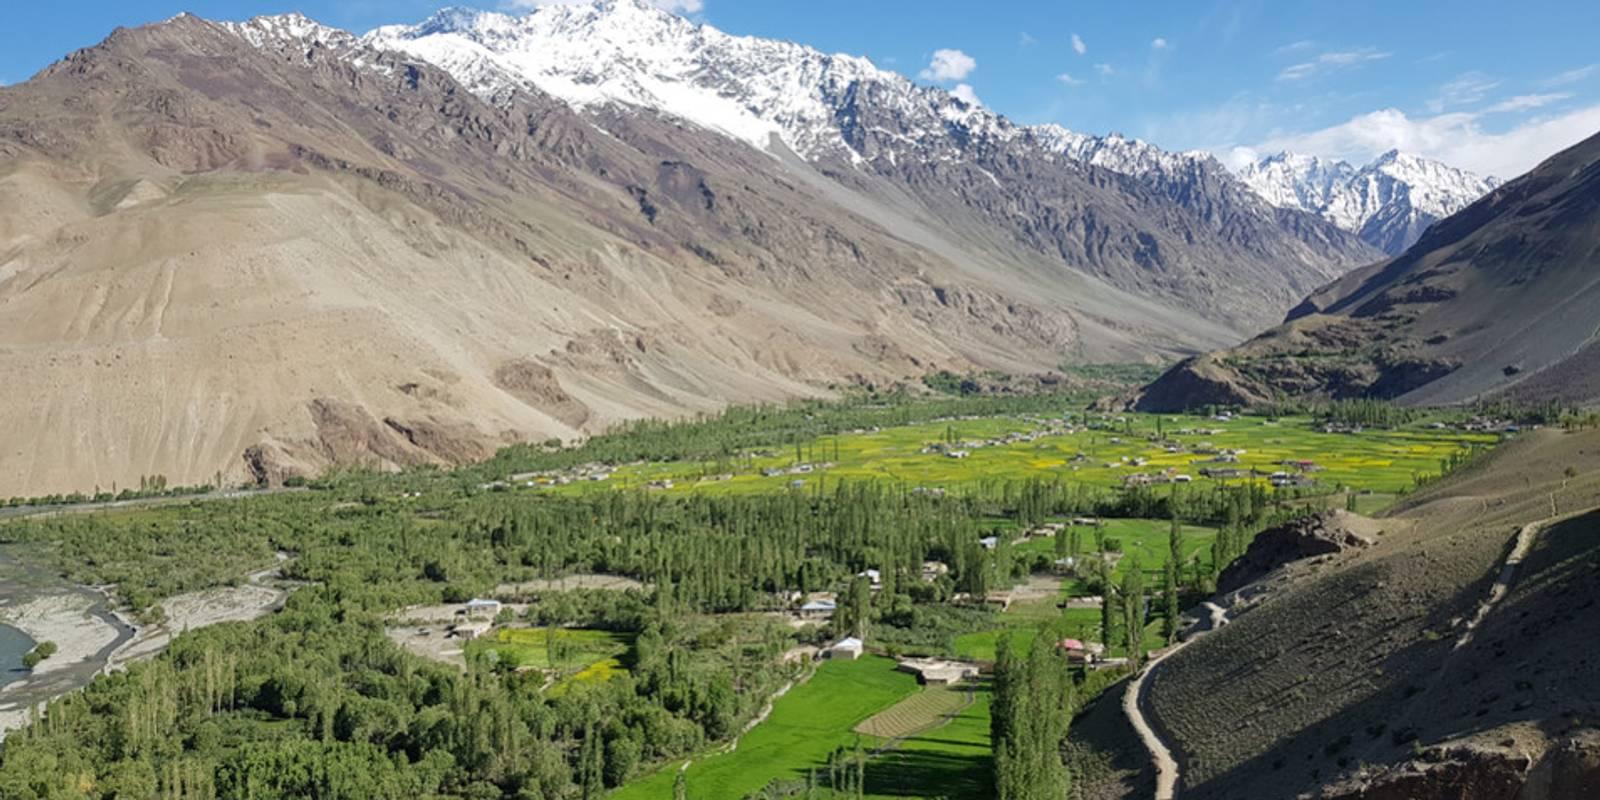 Vallées de l'Hindou Kouch et du Karakorum